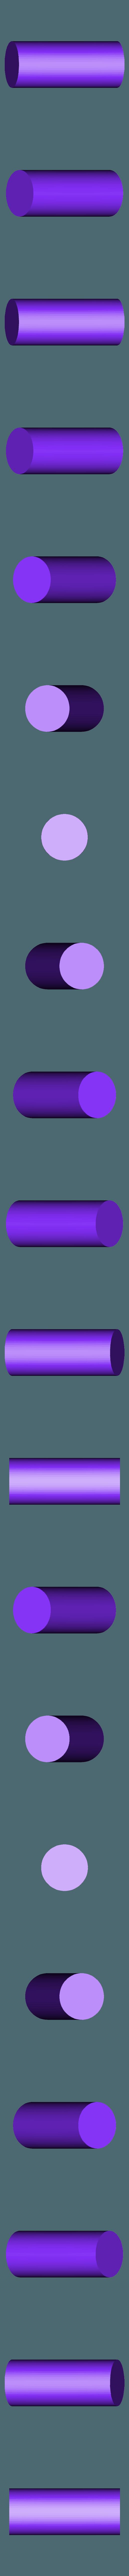 Peg.stl Télécharger fichier STL gratuit Mario + Lapins Crétins - Plumer's Helper Boomshot • Modèle pour impression 3D, Dsk